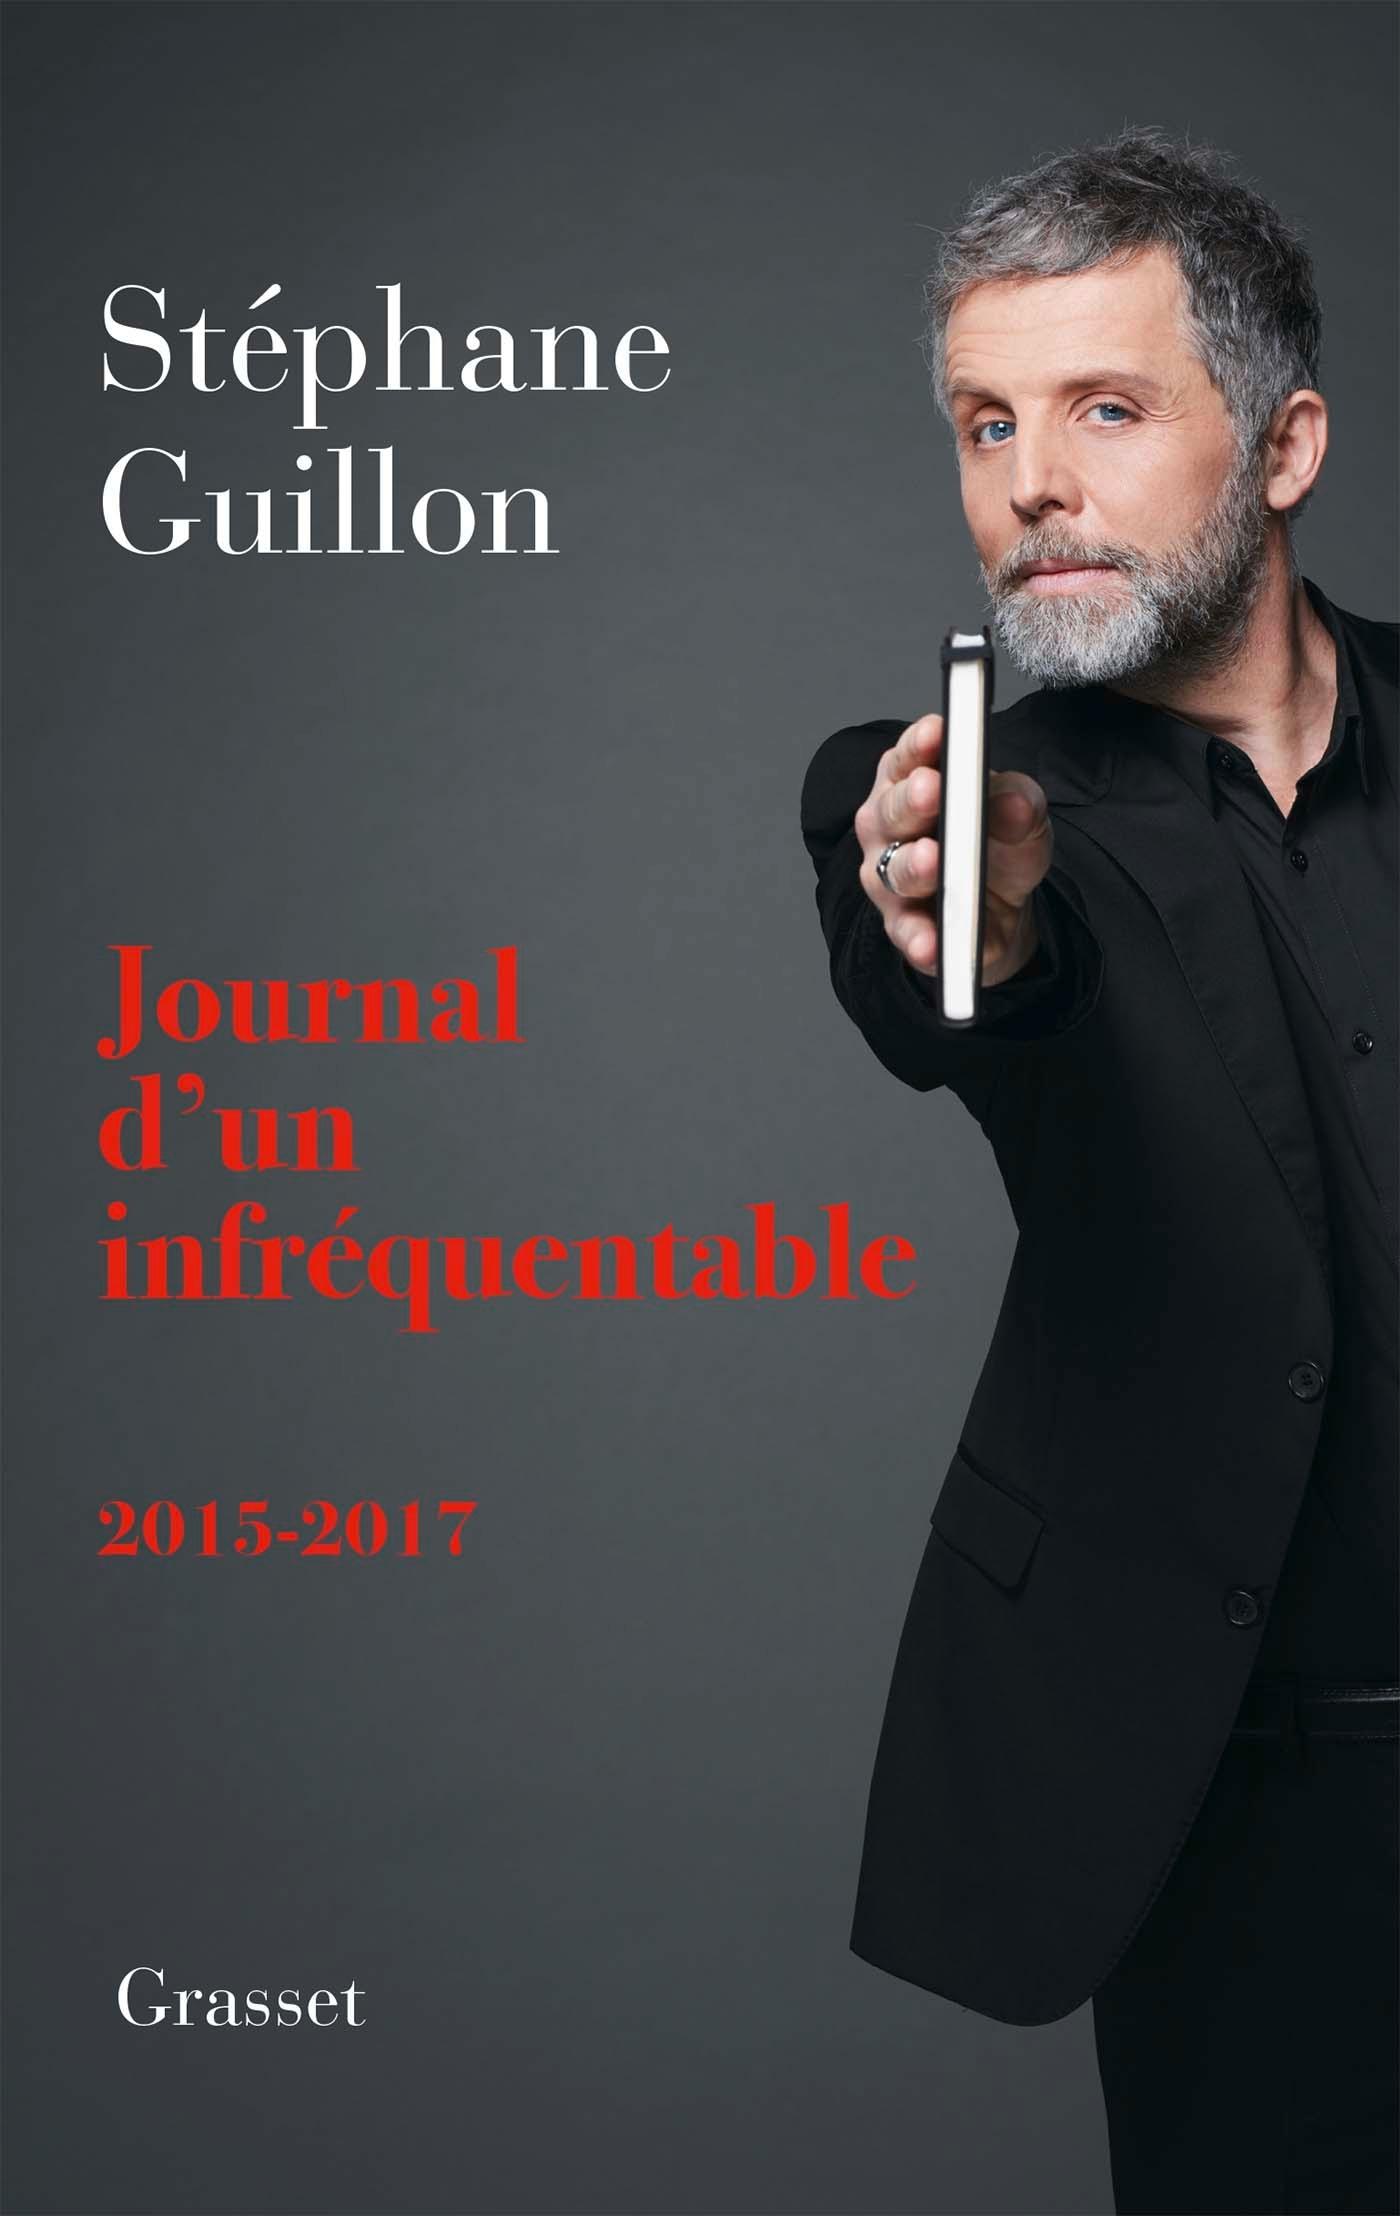 JOURNAL D'UN INFREQUENTABLE